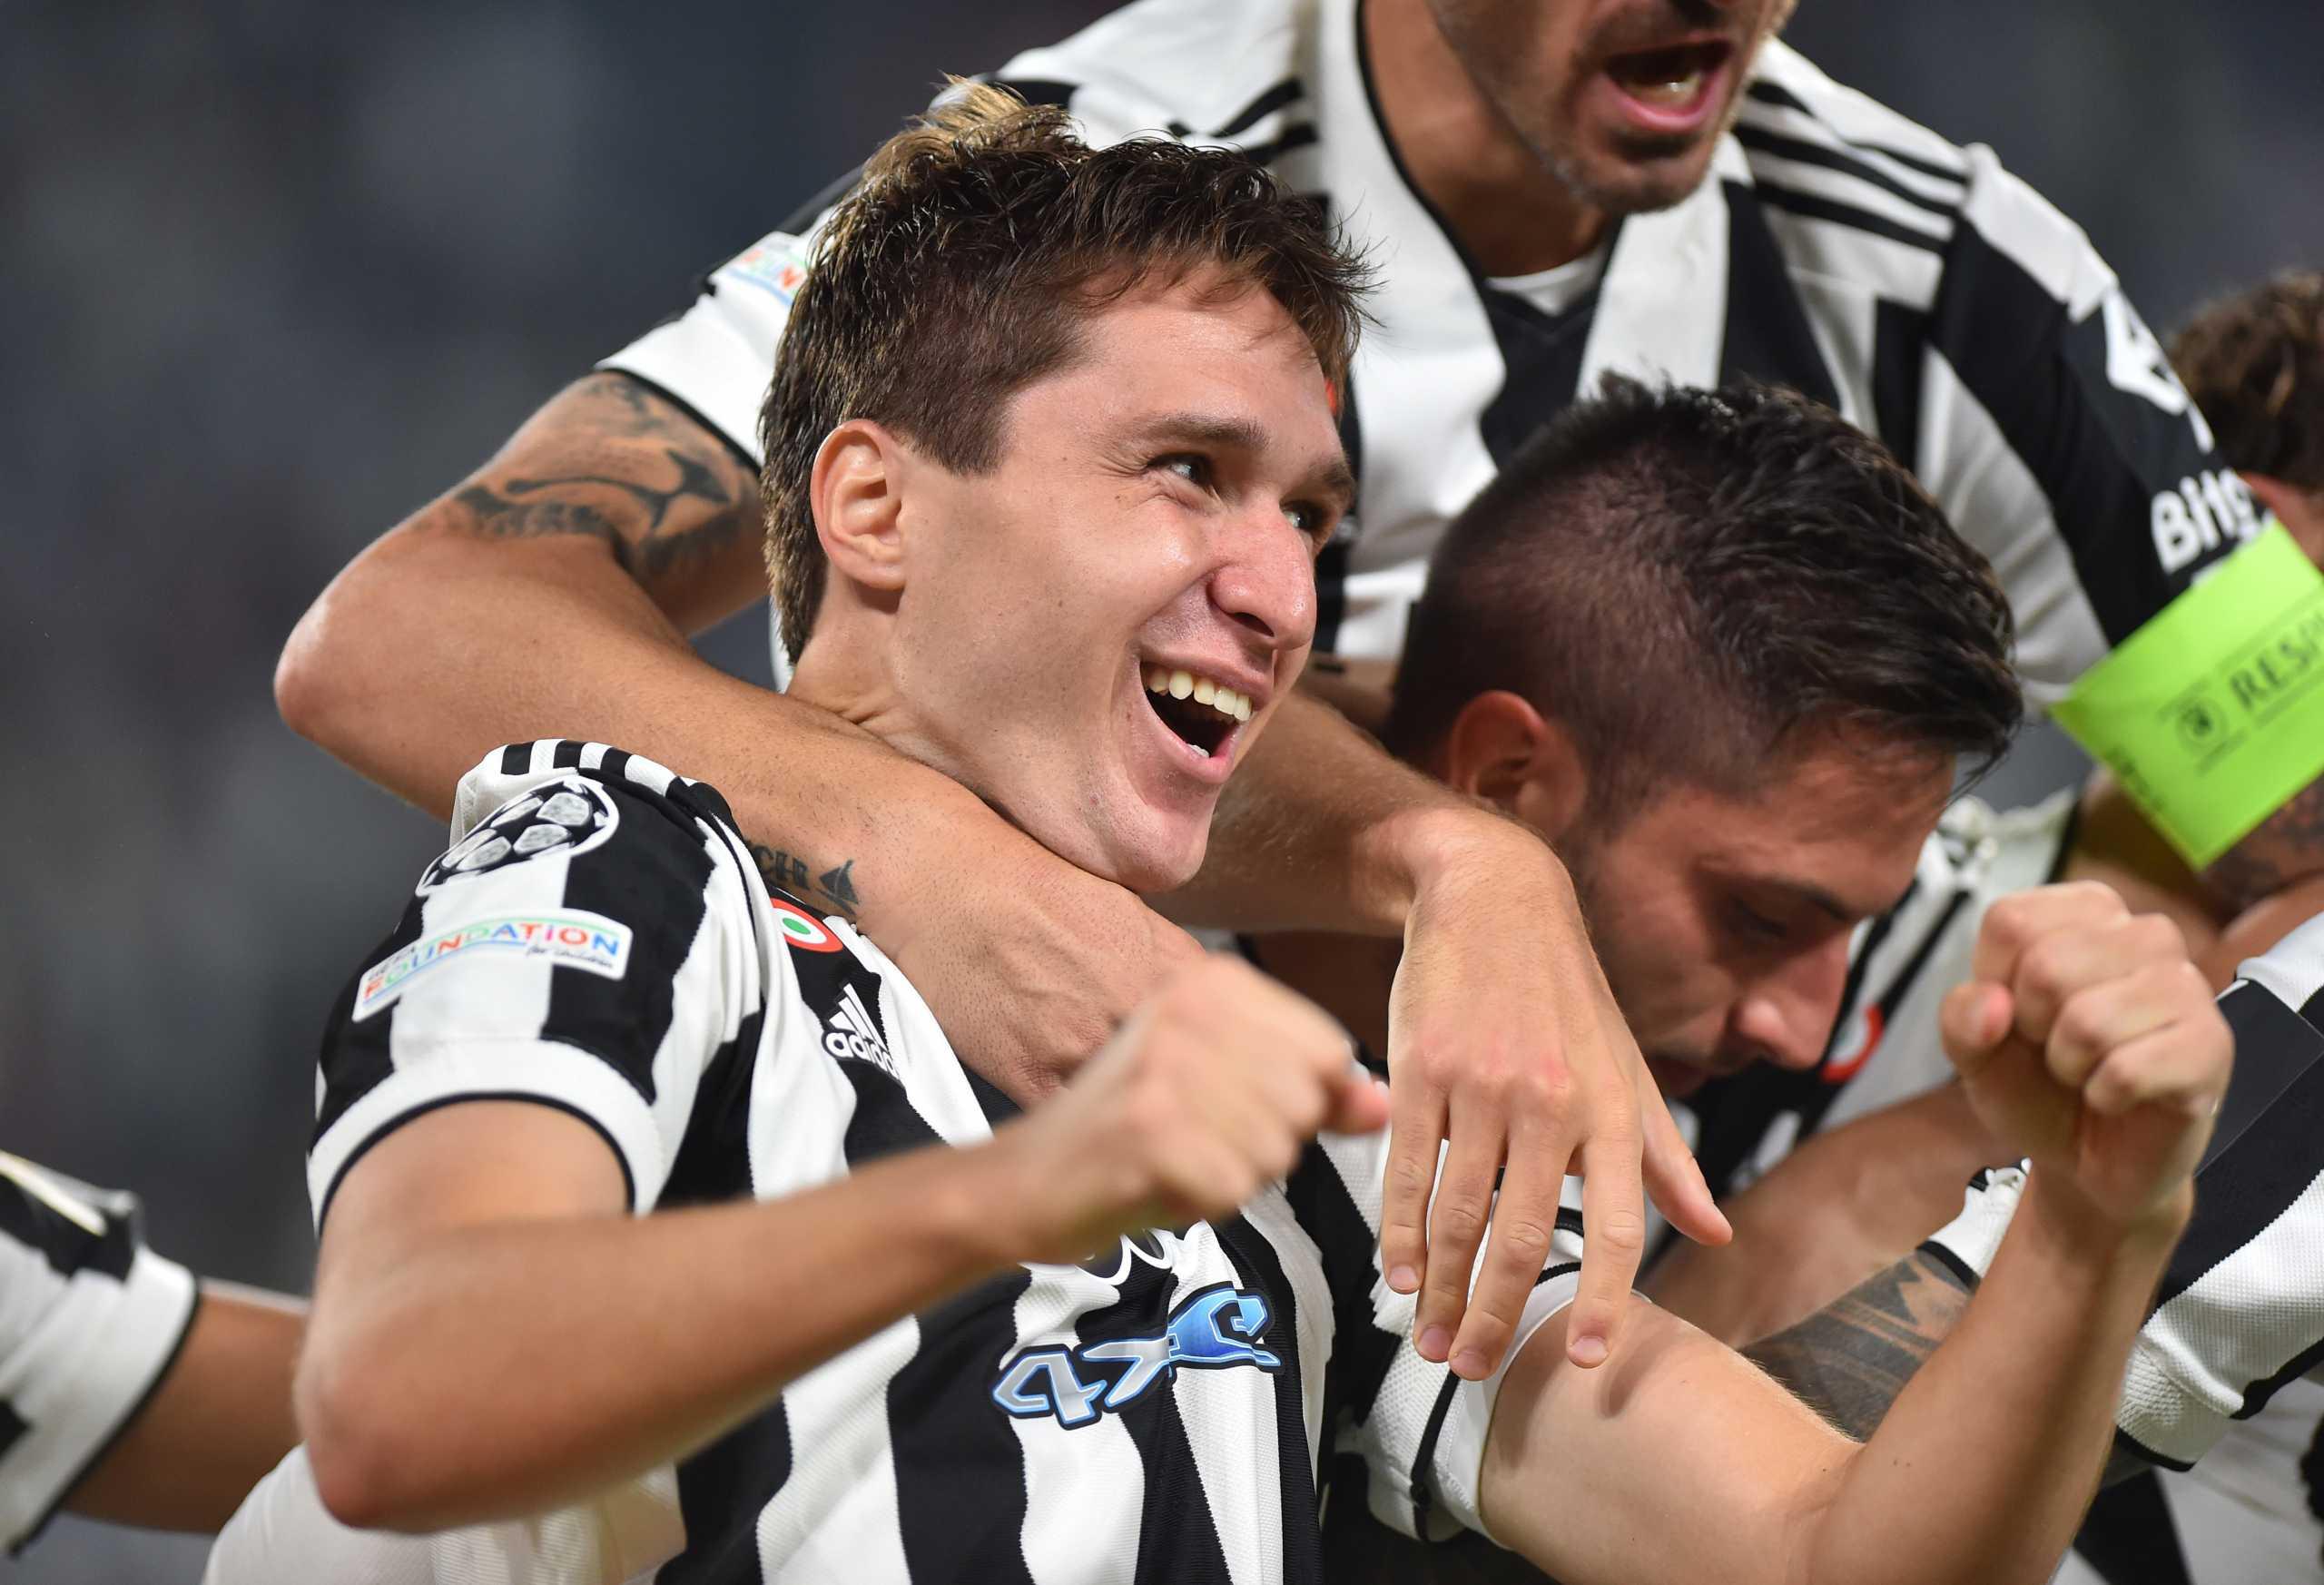 Champions League, Γιουβέντους – Τσέλσι 1-0: Ιταλική νίκη με ιστορικό γκολ Κιέζα